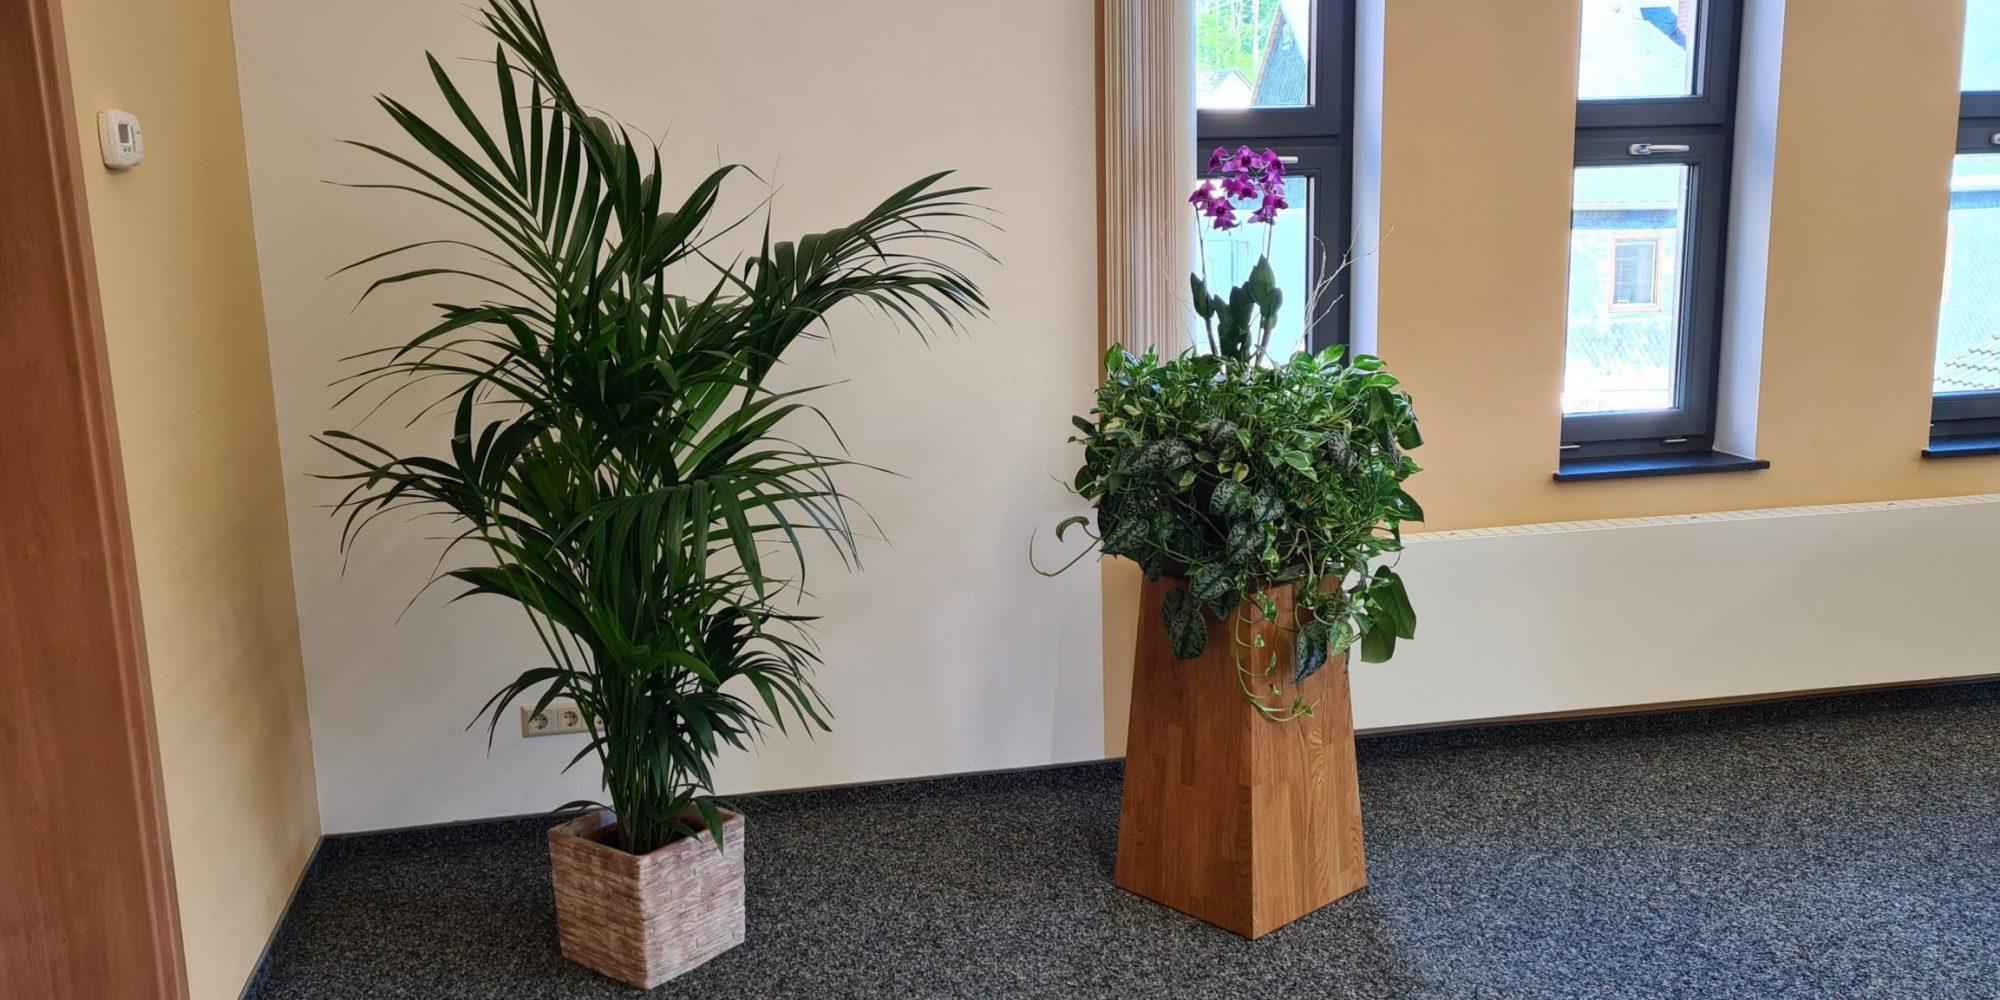 Pflanzen im Saal